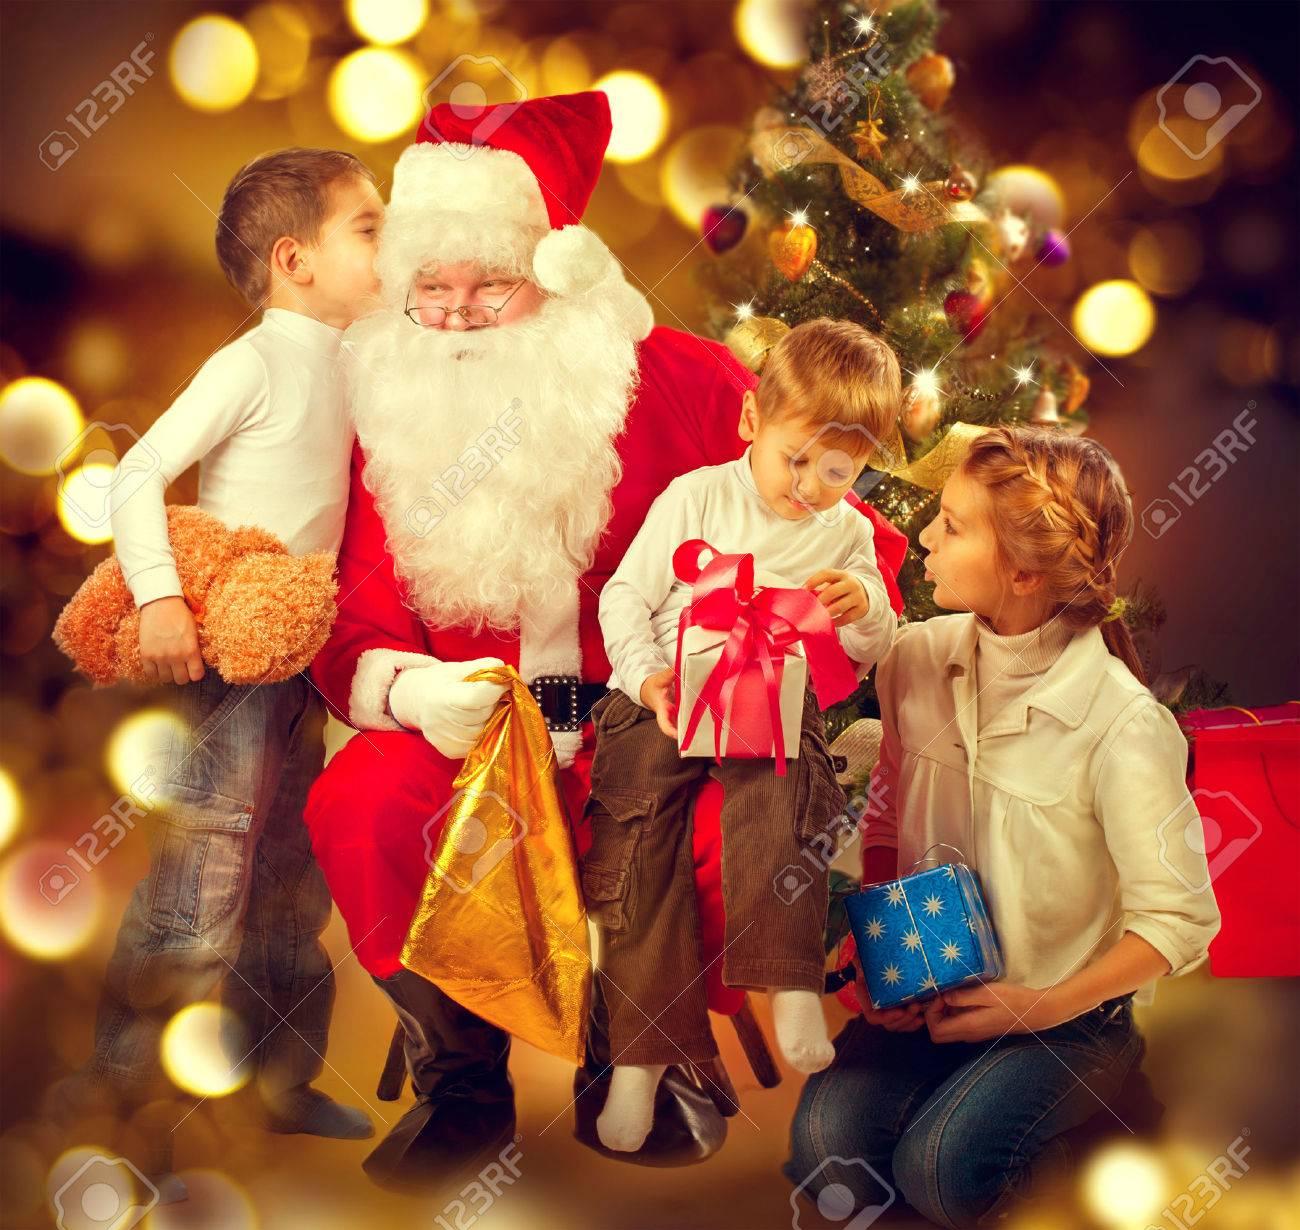 Immagini Di Natale Bambini.Babbo Natale Che Da I Regali Di Natale Ai Bambini Scena Di Vacanza Di Natale